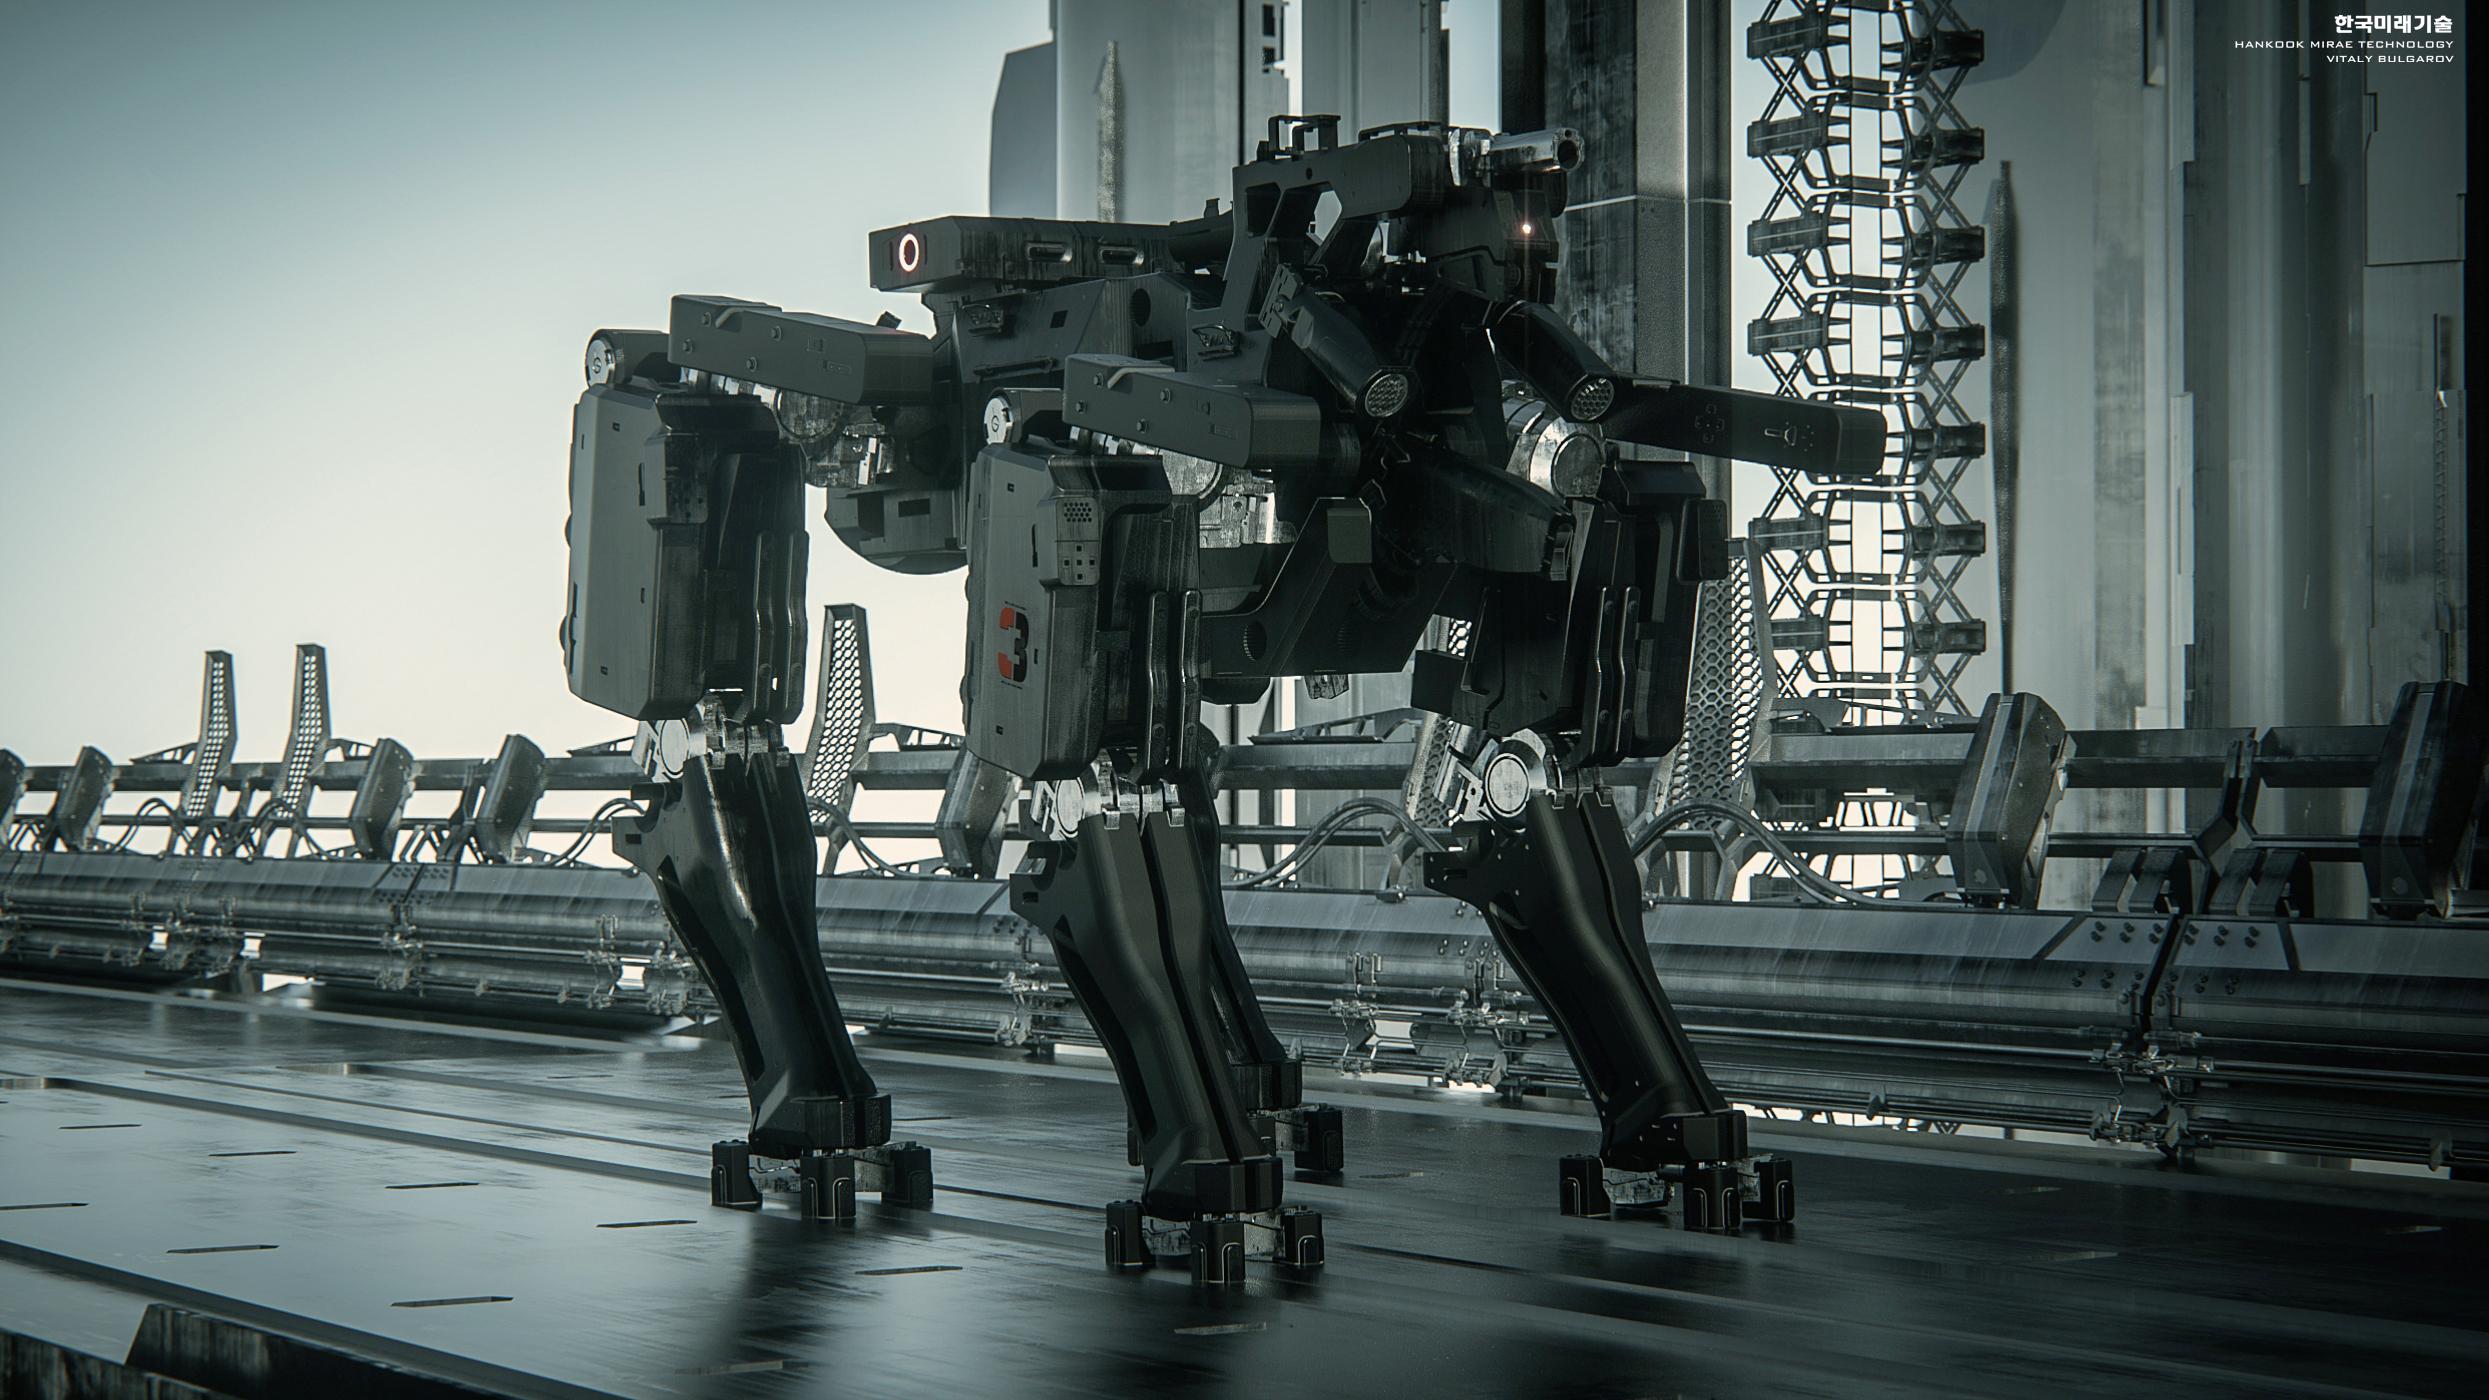 KFT_4LeggedRobot_V1_01.jpg